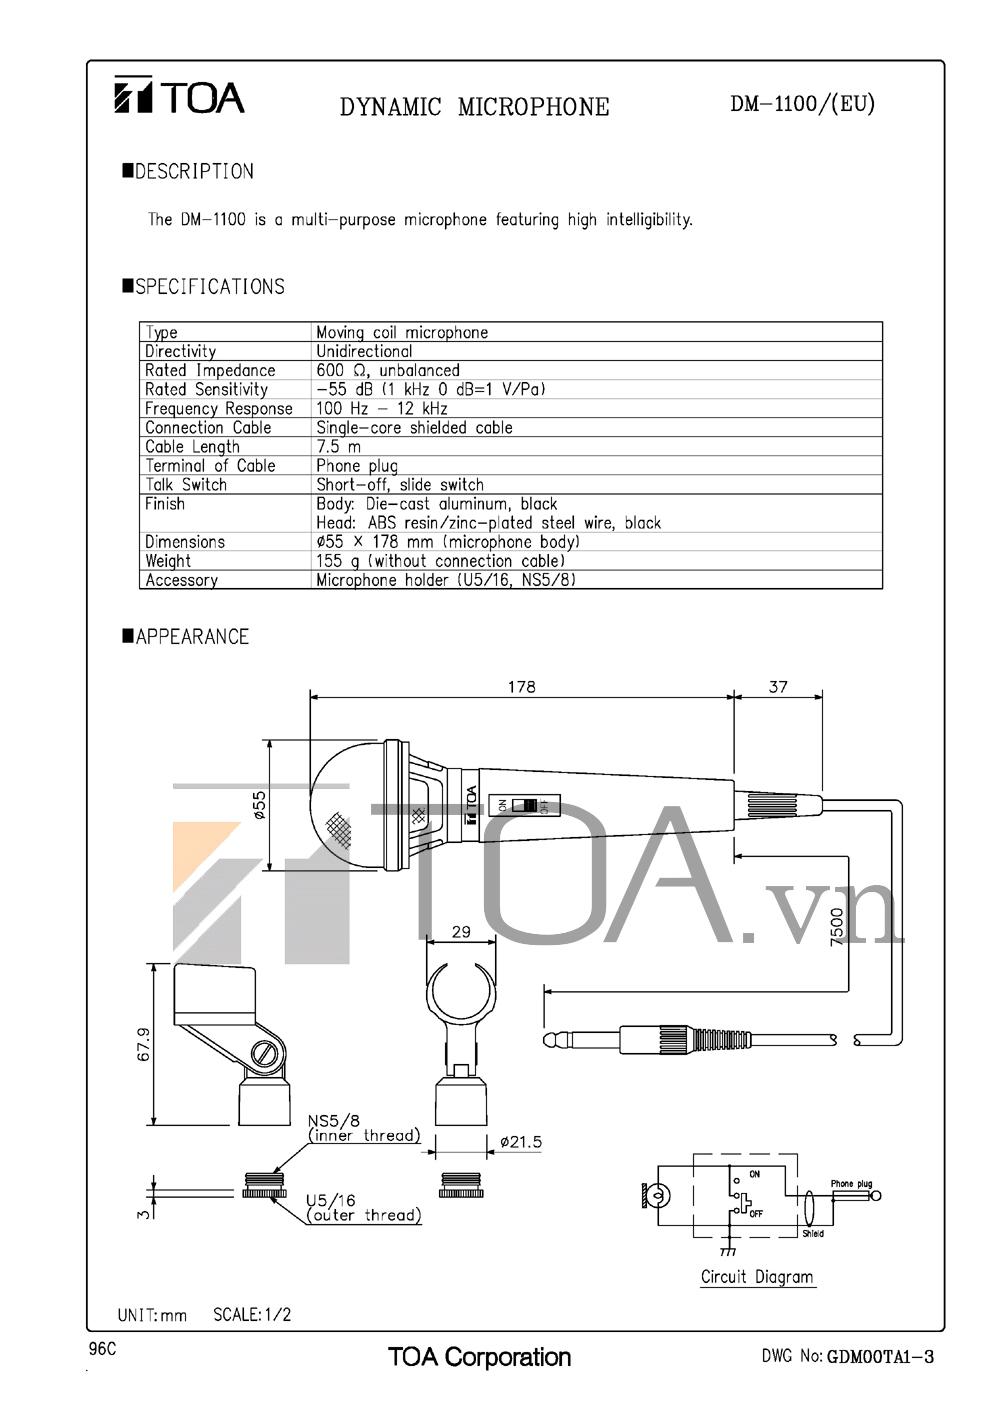 Bản vẽ thiết kế micro TOA DM-1100